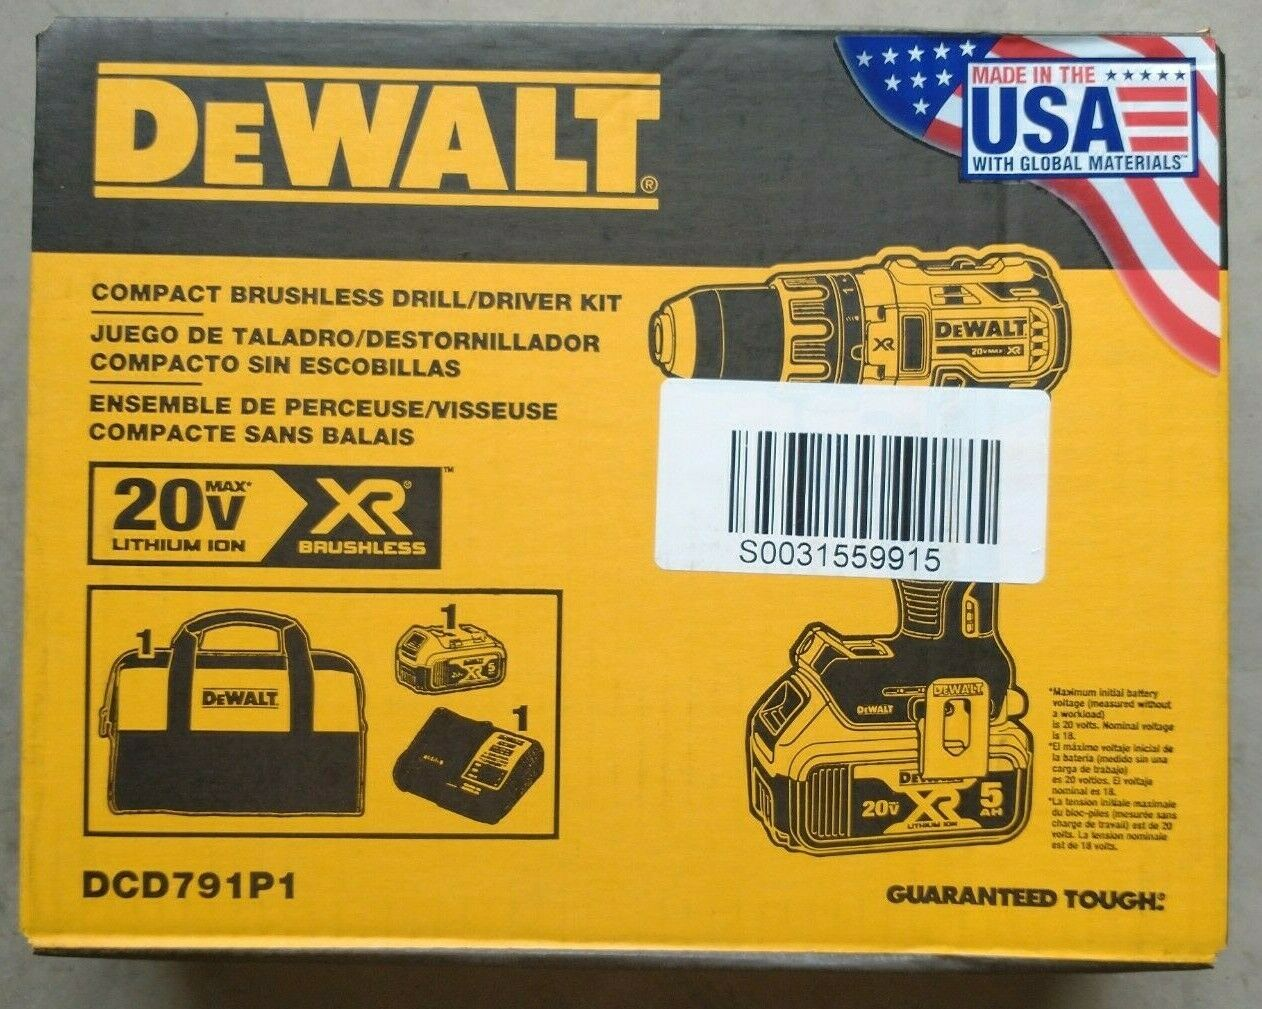 Dewalt DCD791P1 20V MAX XR Brushless 1/2